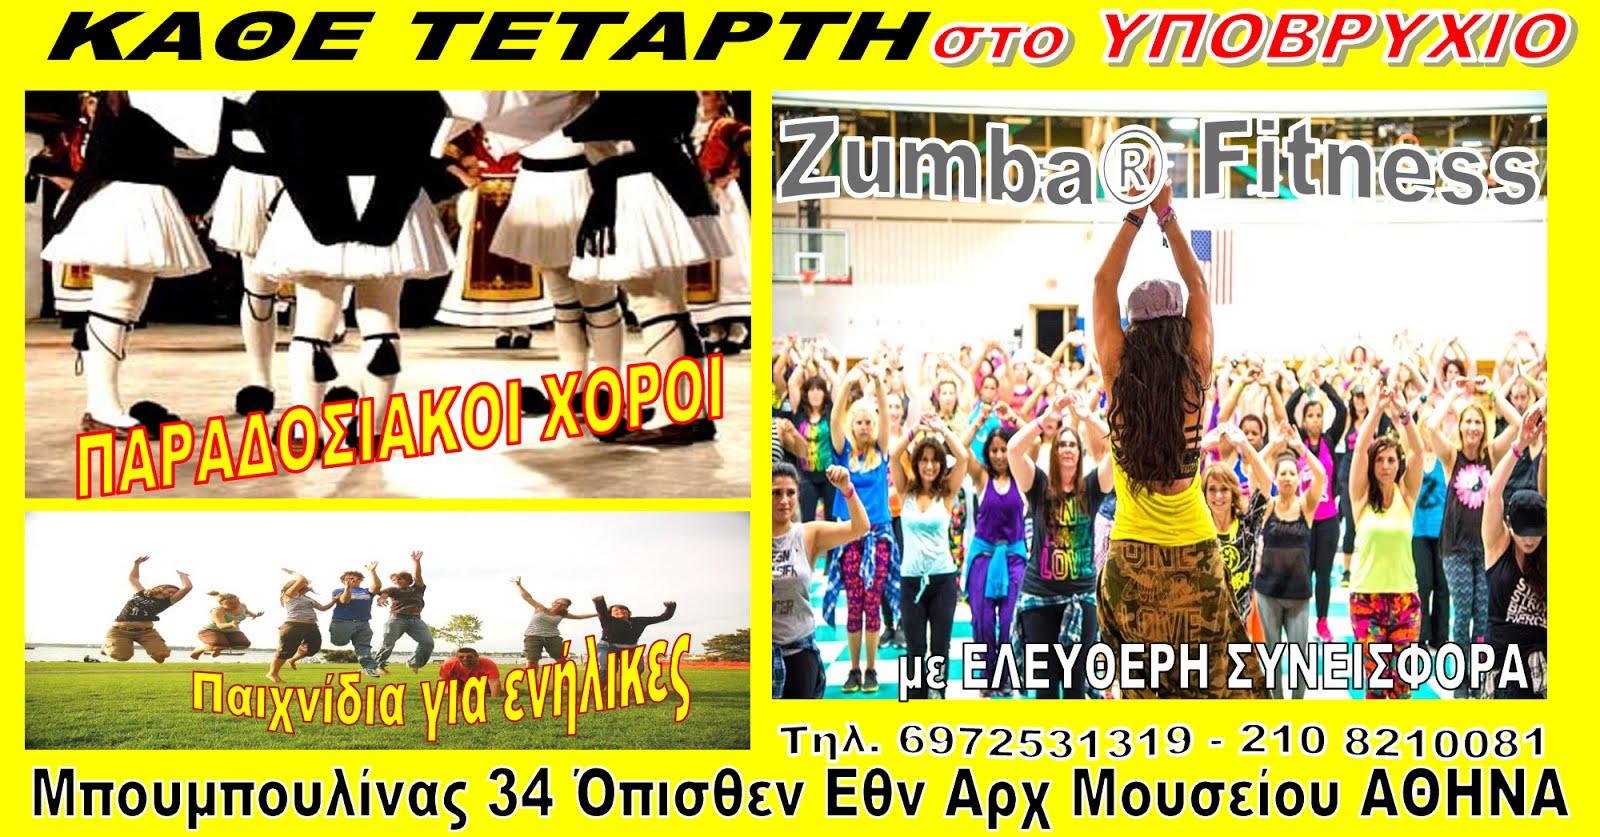 Κάθε ΤεΤαρτη μαθημα Παρ.Χορου &Zumba® Fitness &Παιχνίδια για ενήλικες στο ΥΠΟΒΡΥΧΙΟ